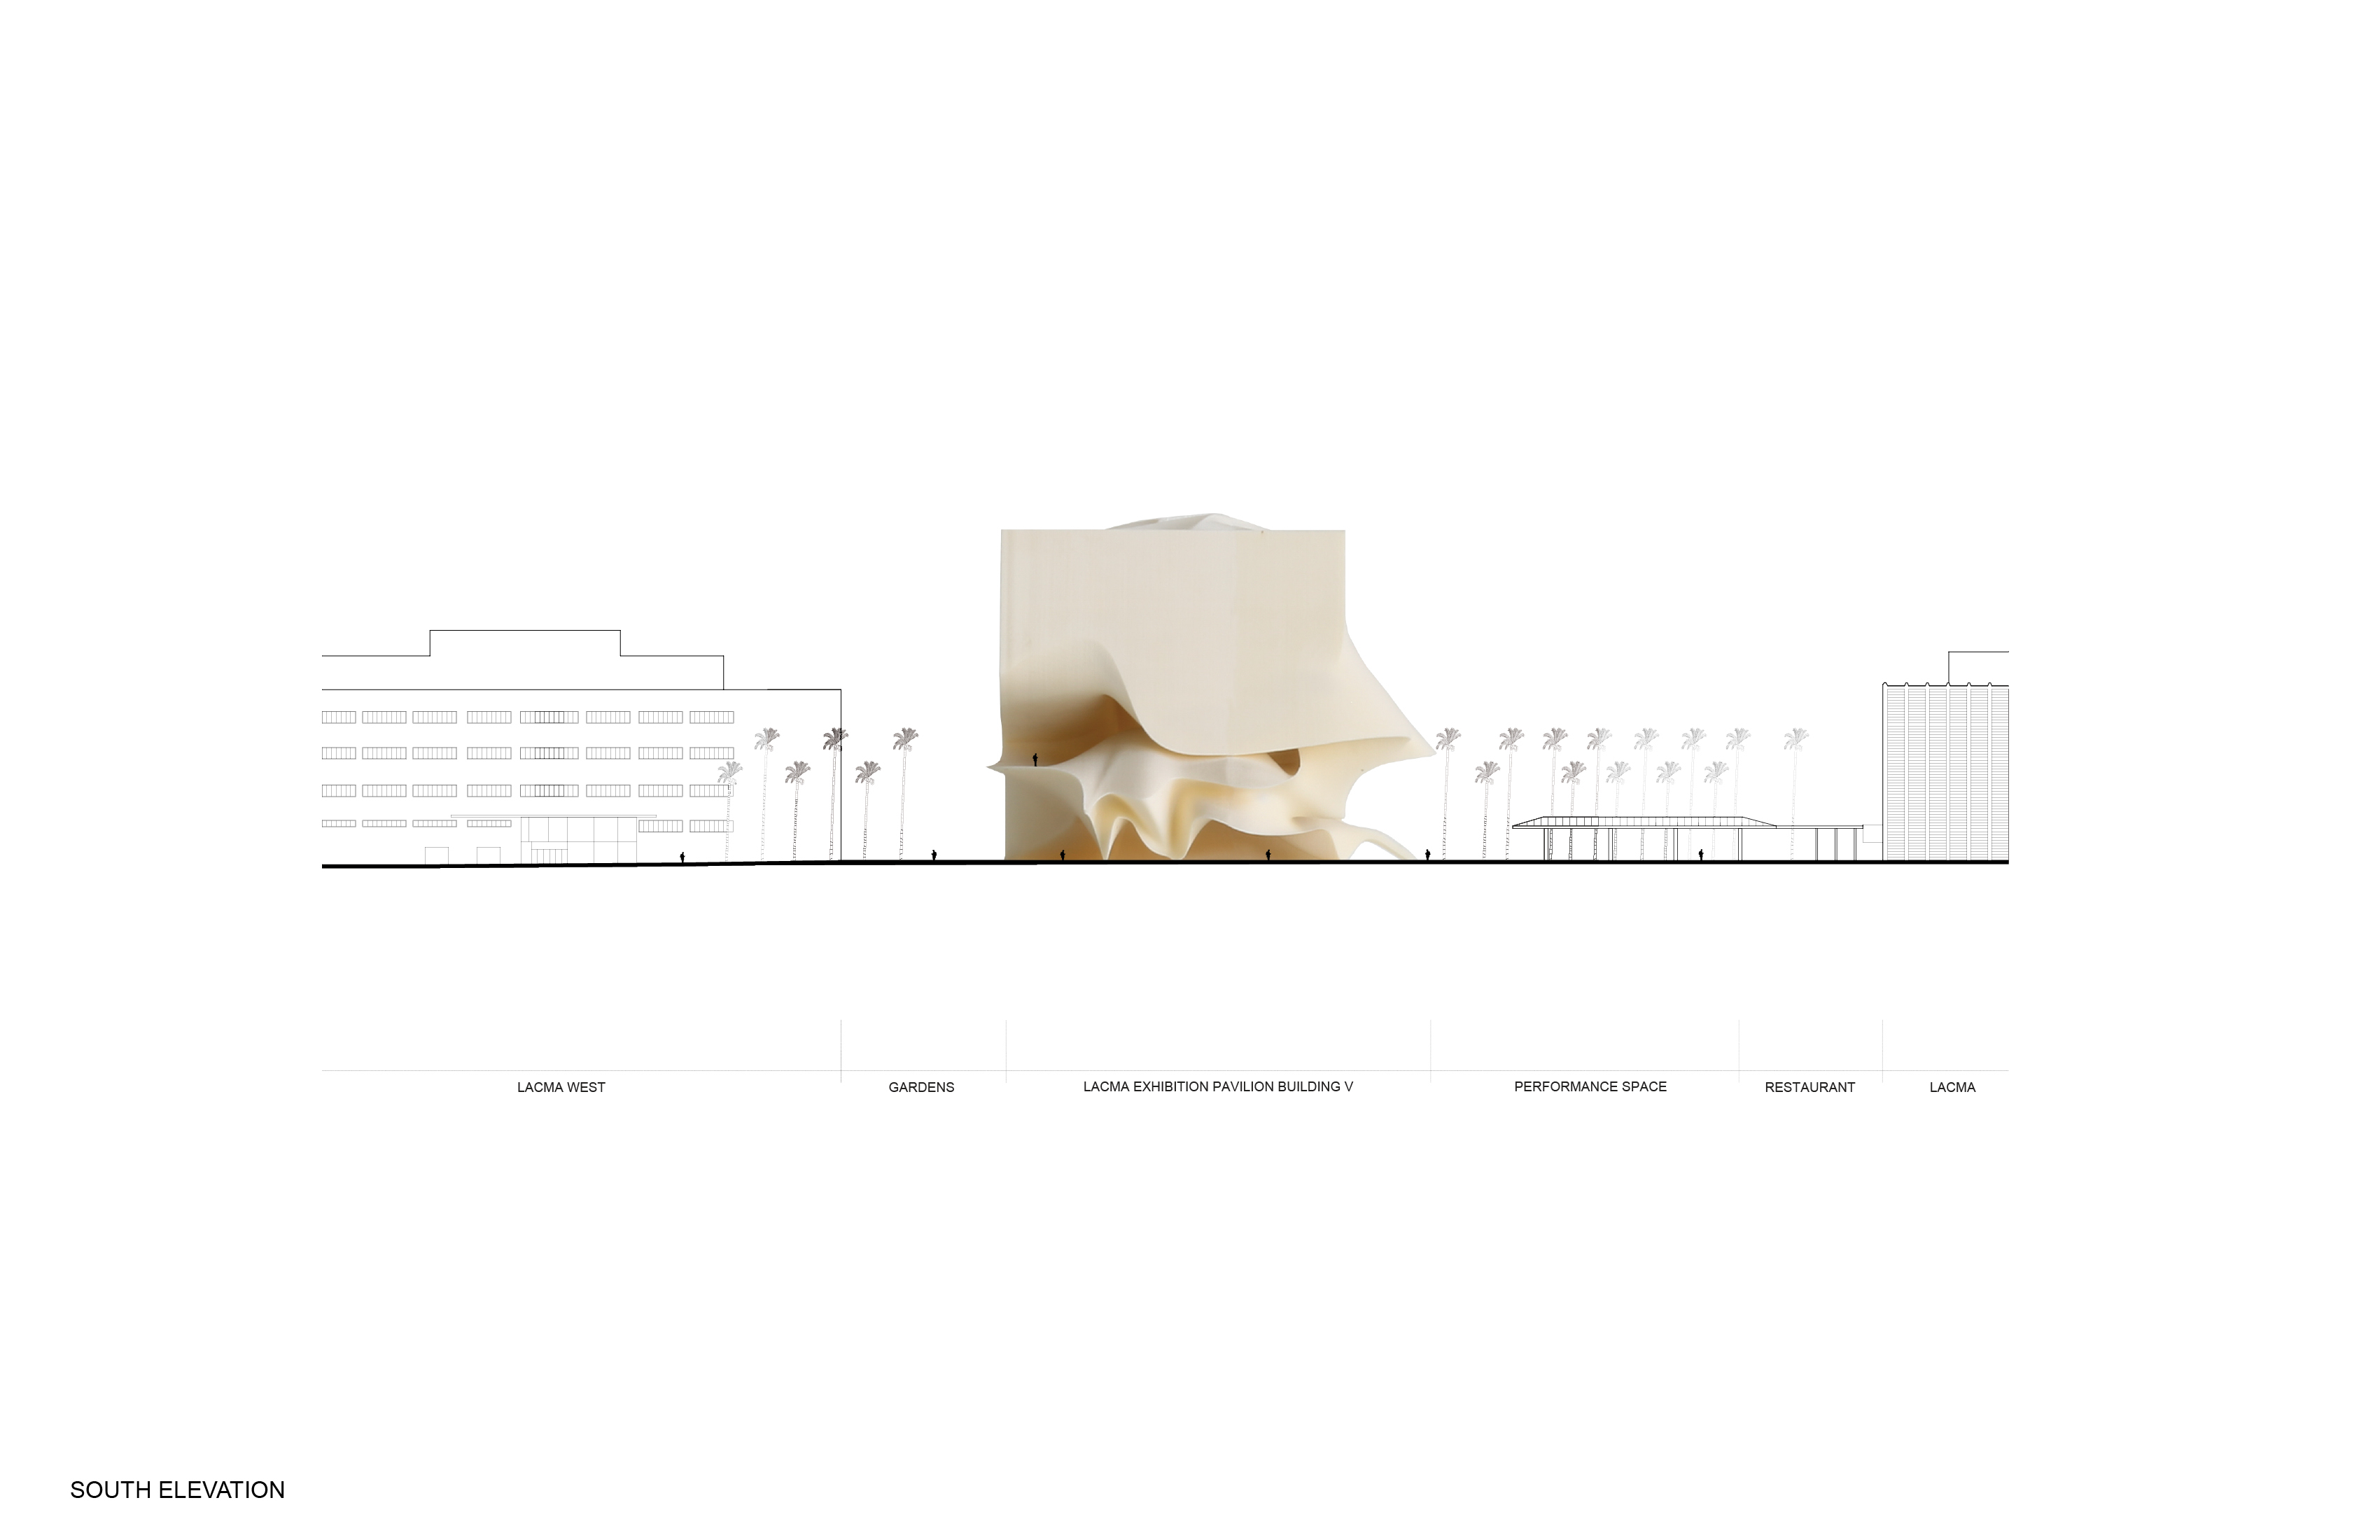 LACMA Exhibition Pavilion Building V12